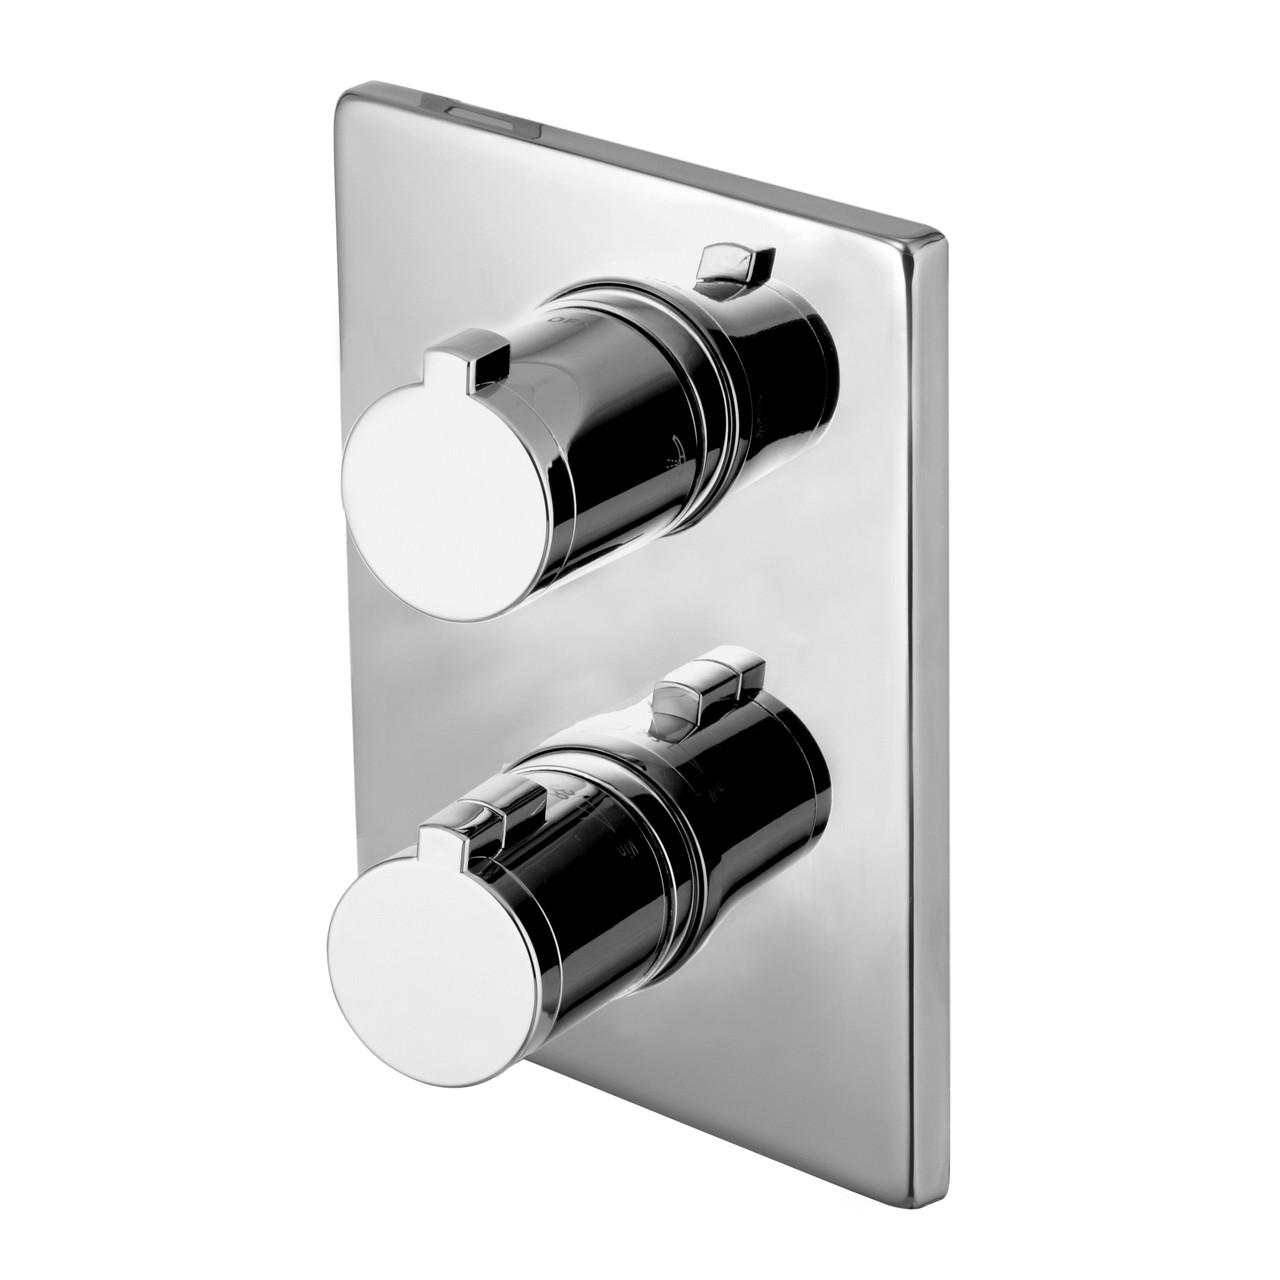 Смеситель термостат скрытого монтажа Imprese Centrum VRB-10400Z (3 потребителя)